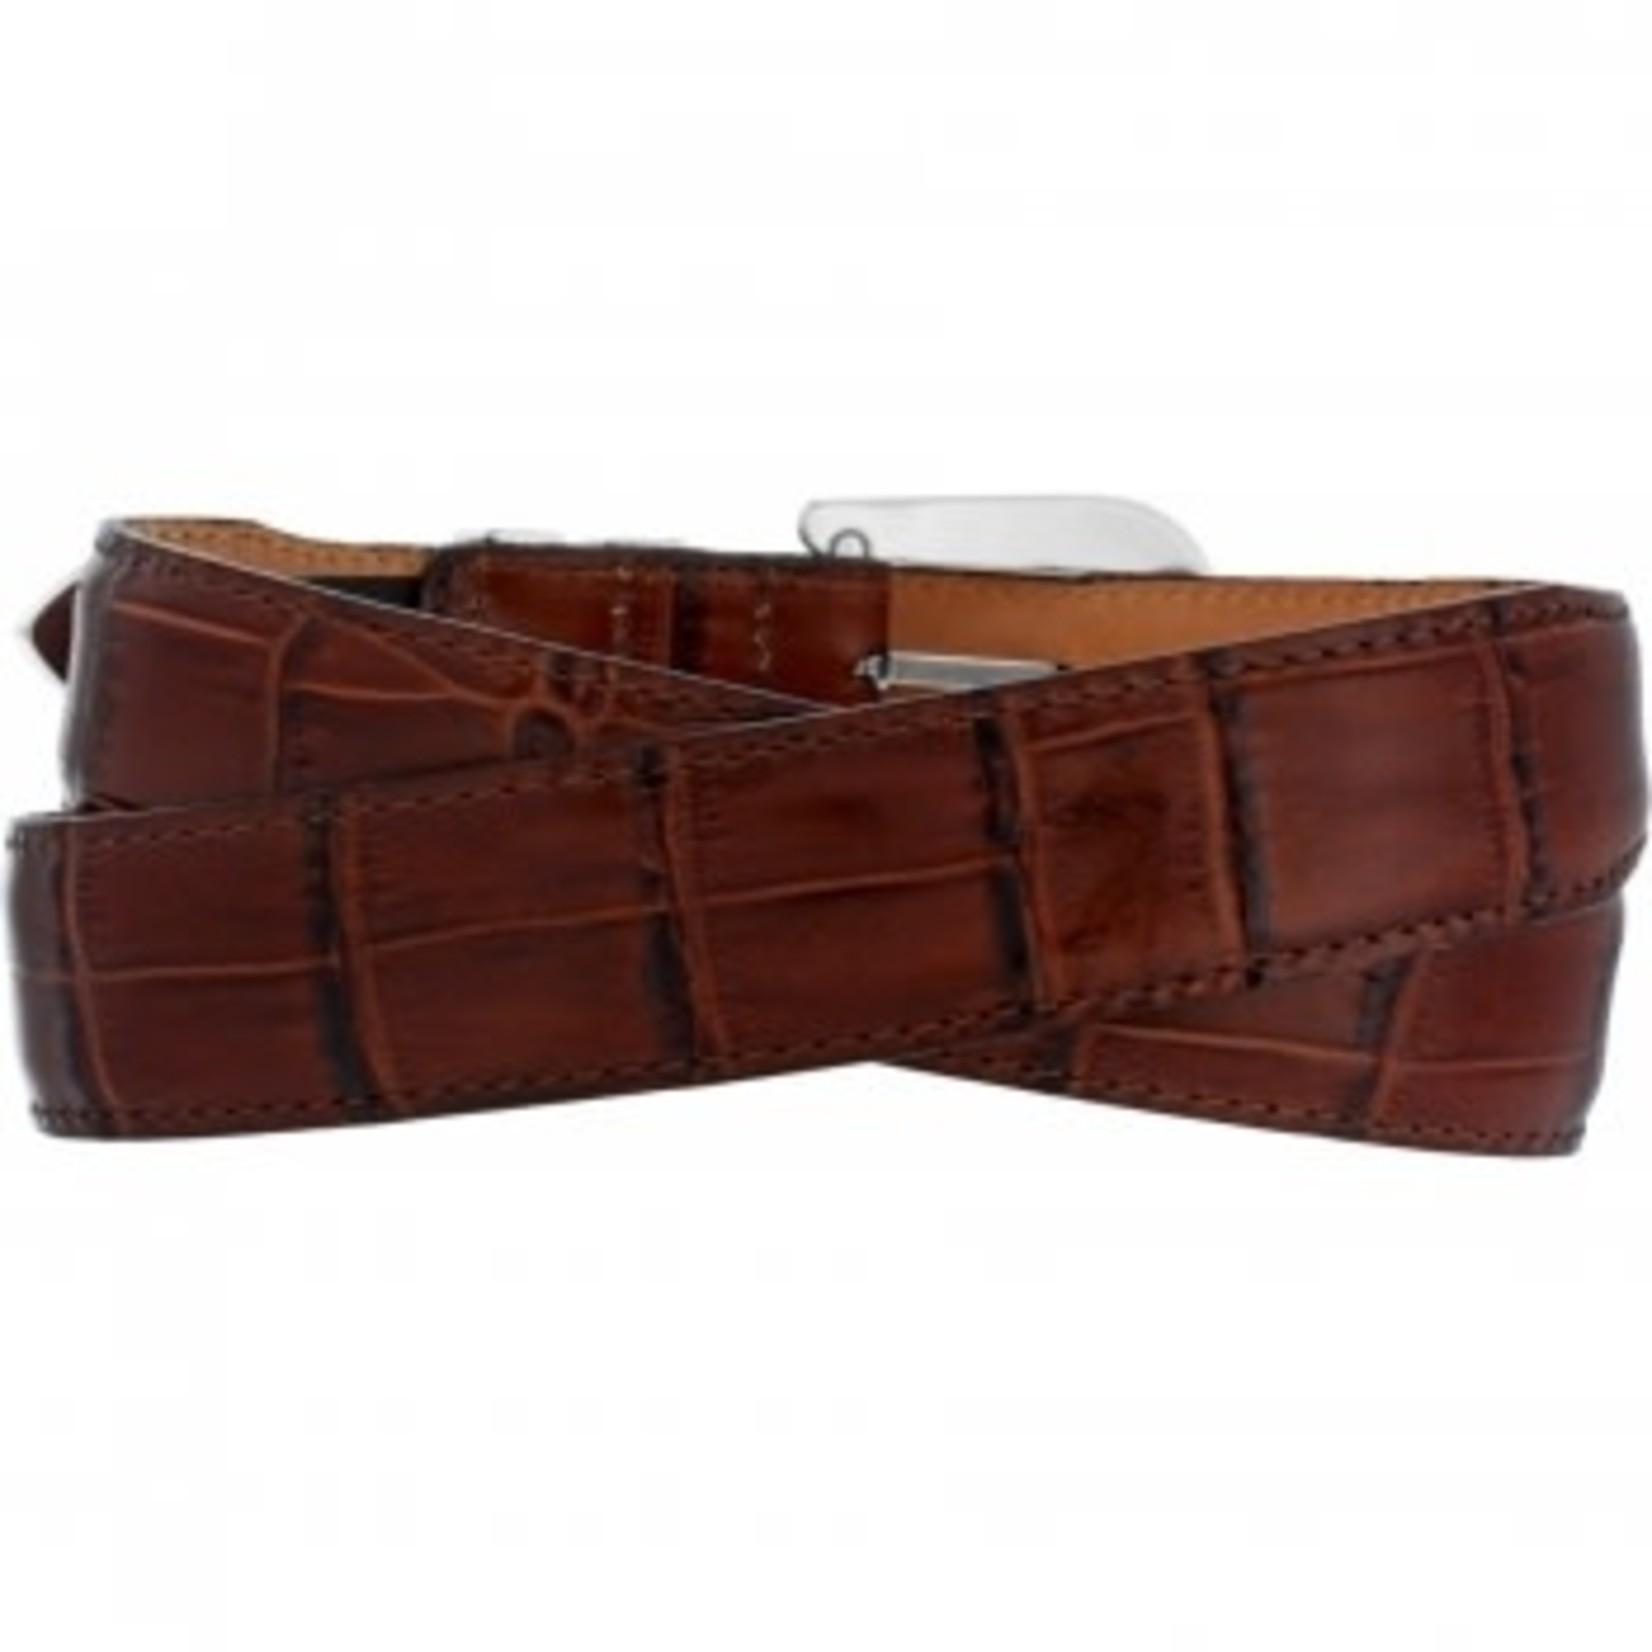 Brighton Catera Taper Crocodile Belt in Peanut Size 38